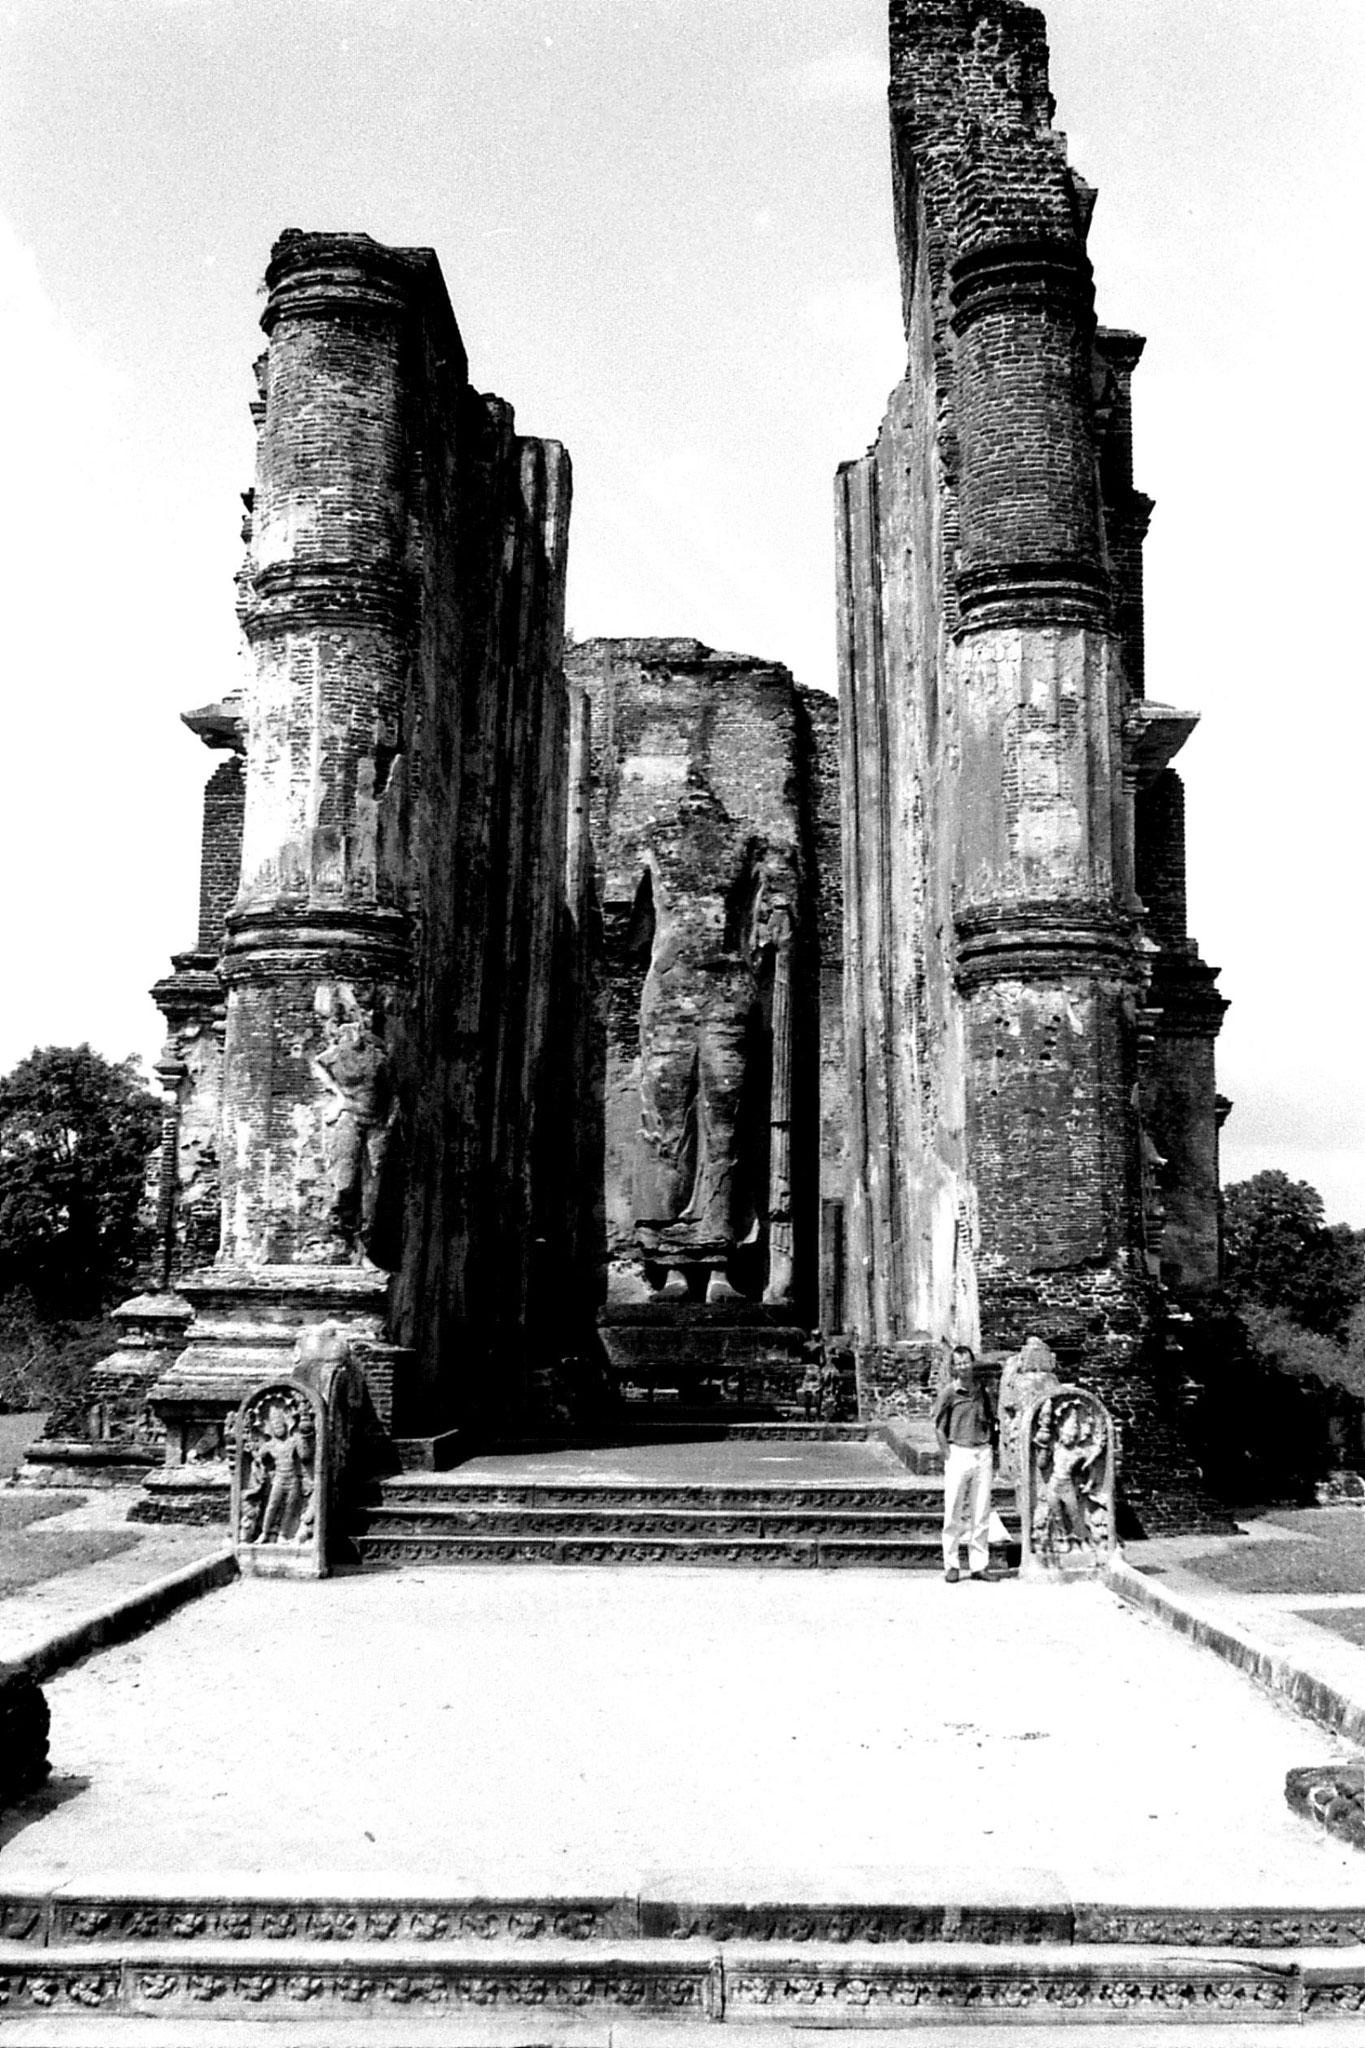 8/2/90: 19: Polonnaruwa